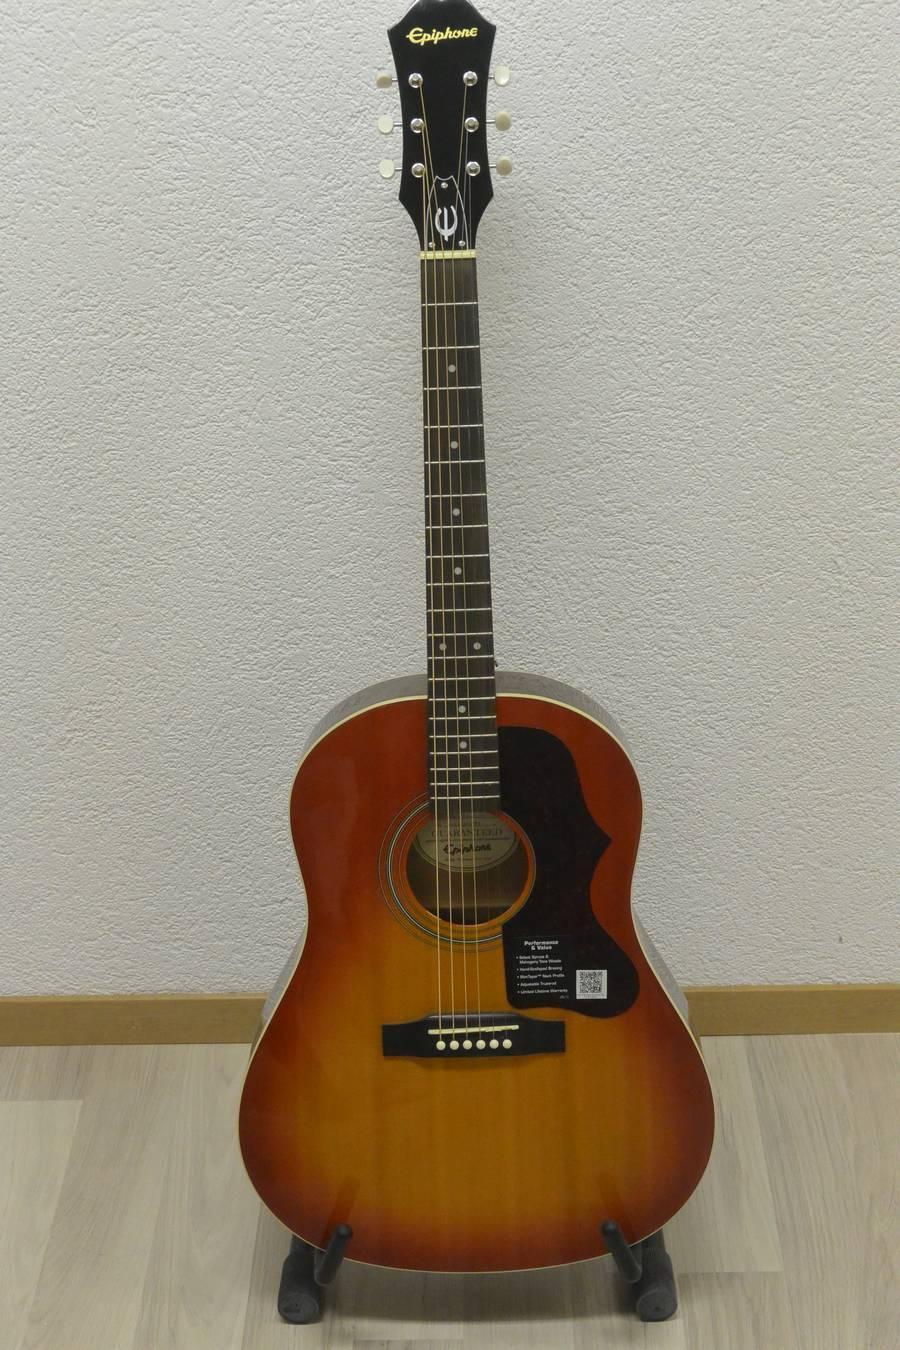 guitare acoustique epiphone 1963 EJ-45 frs 380.00